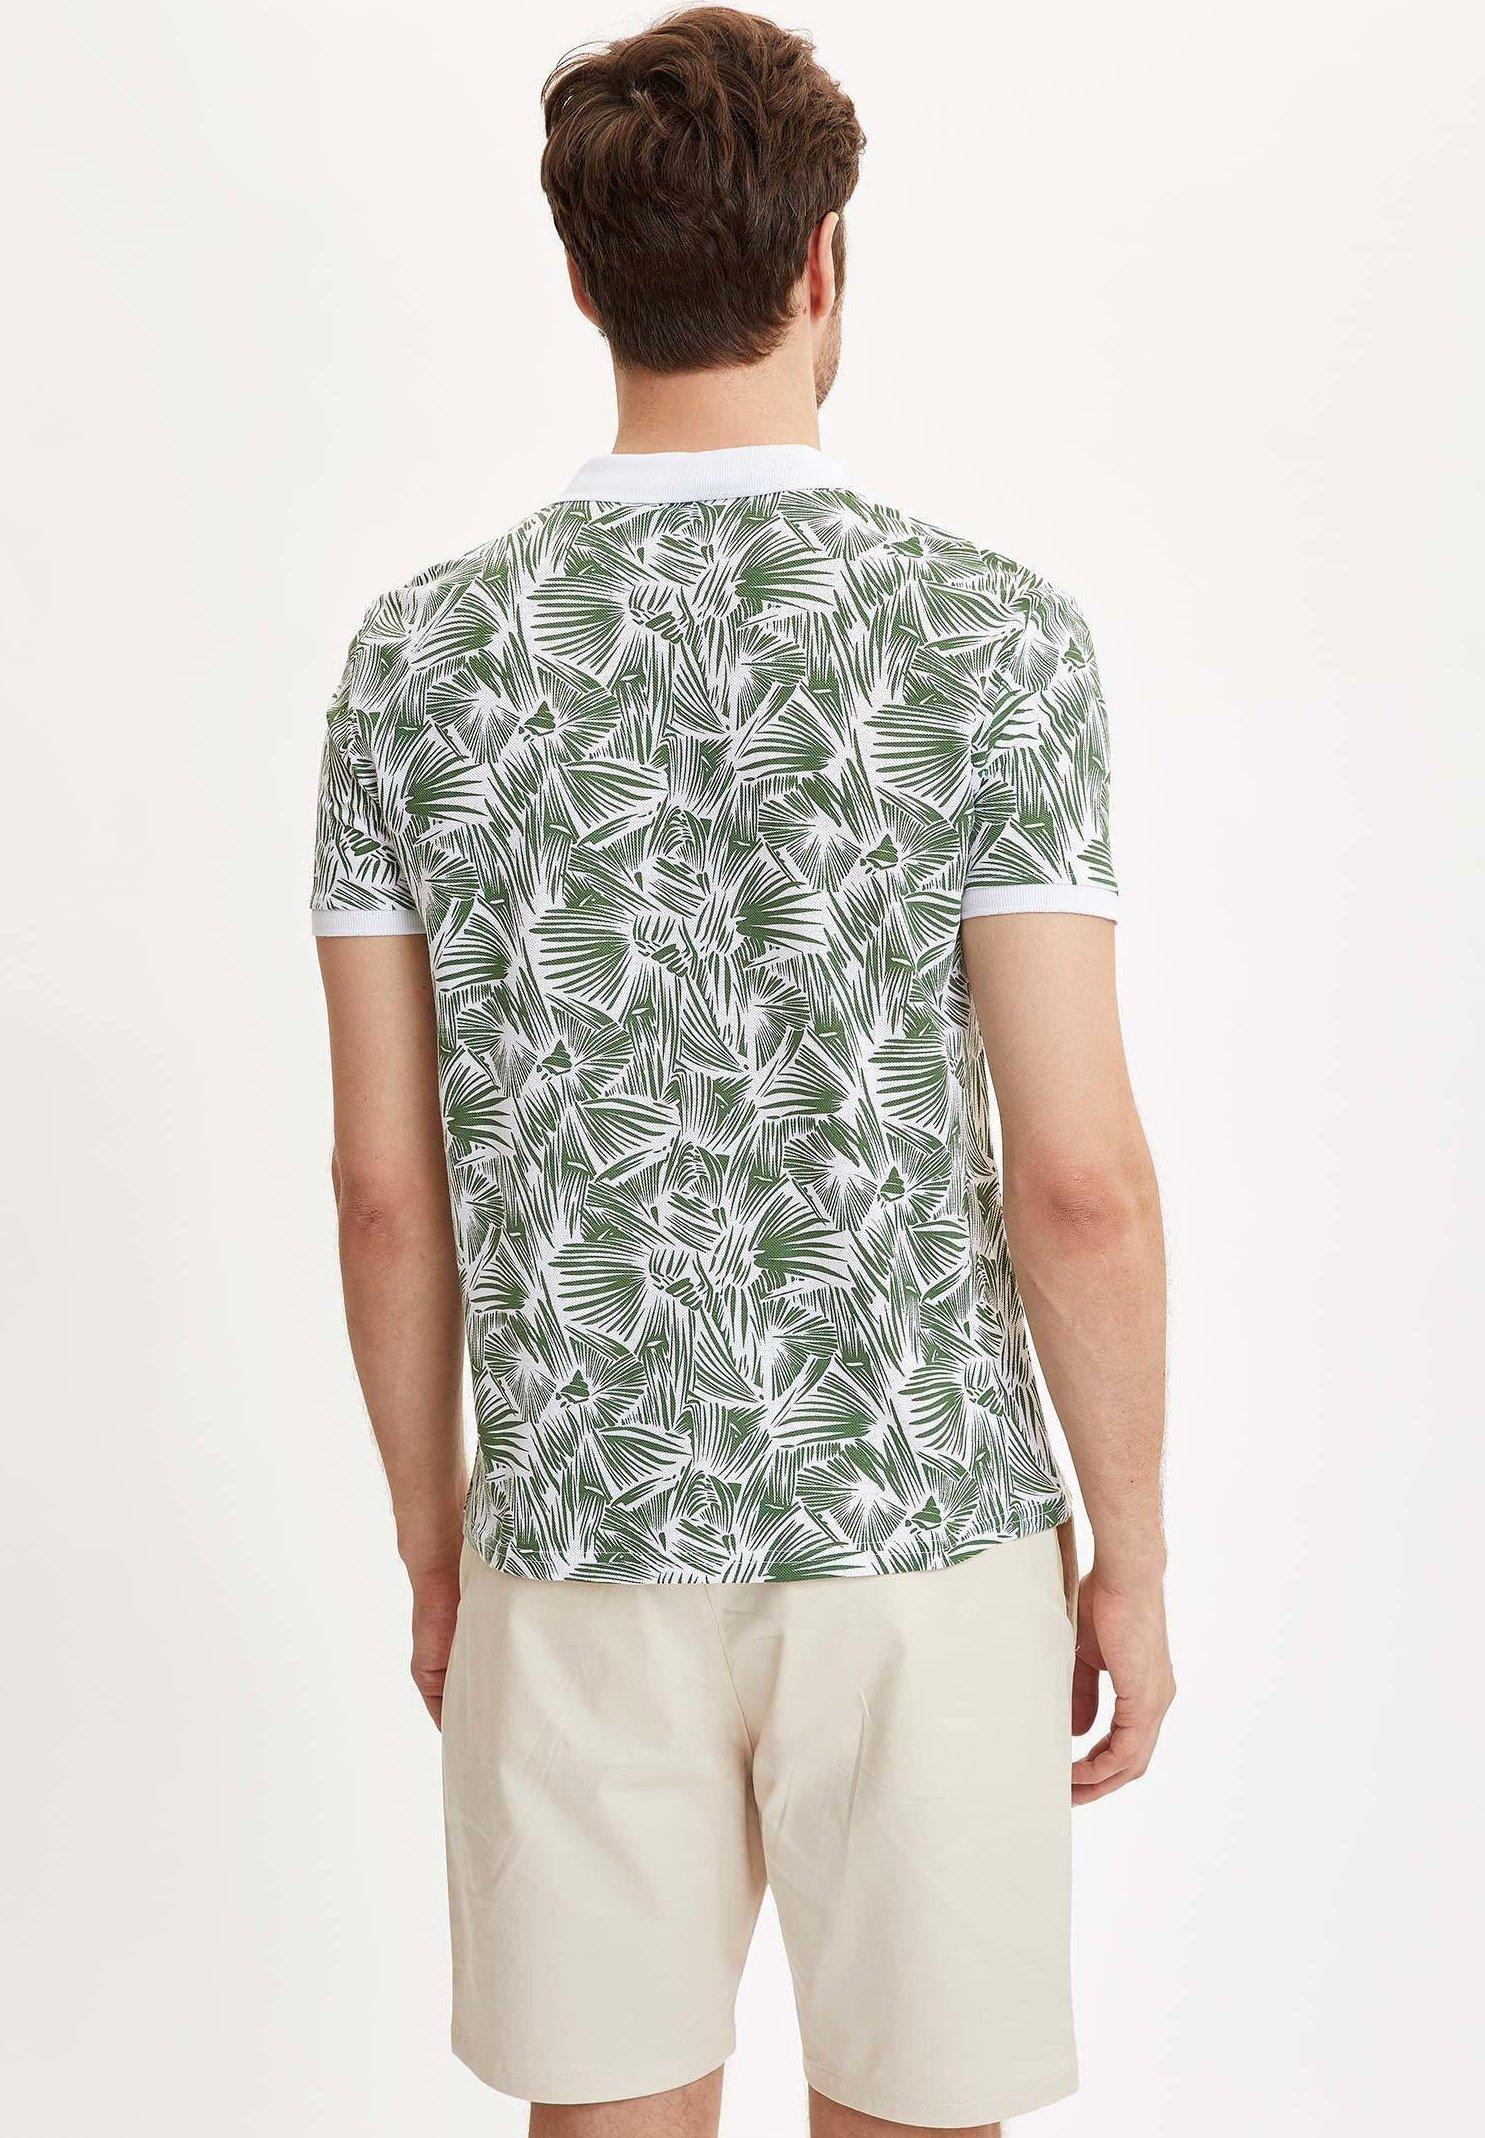 DeFacto Polo shirt - green cfO0S